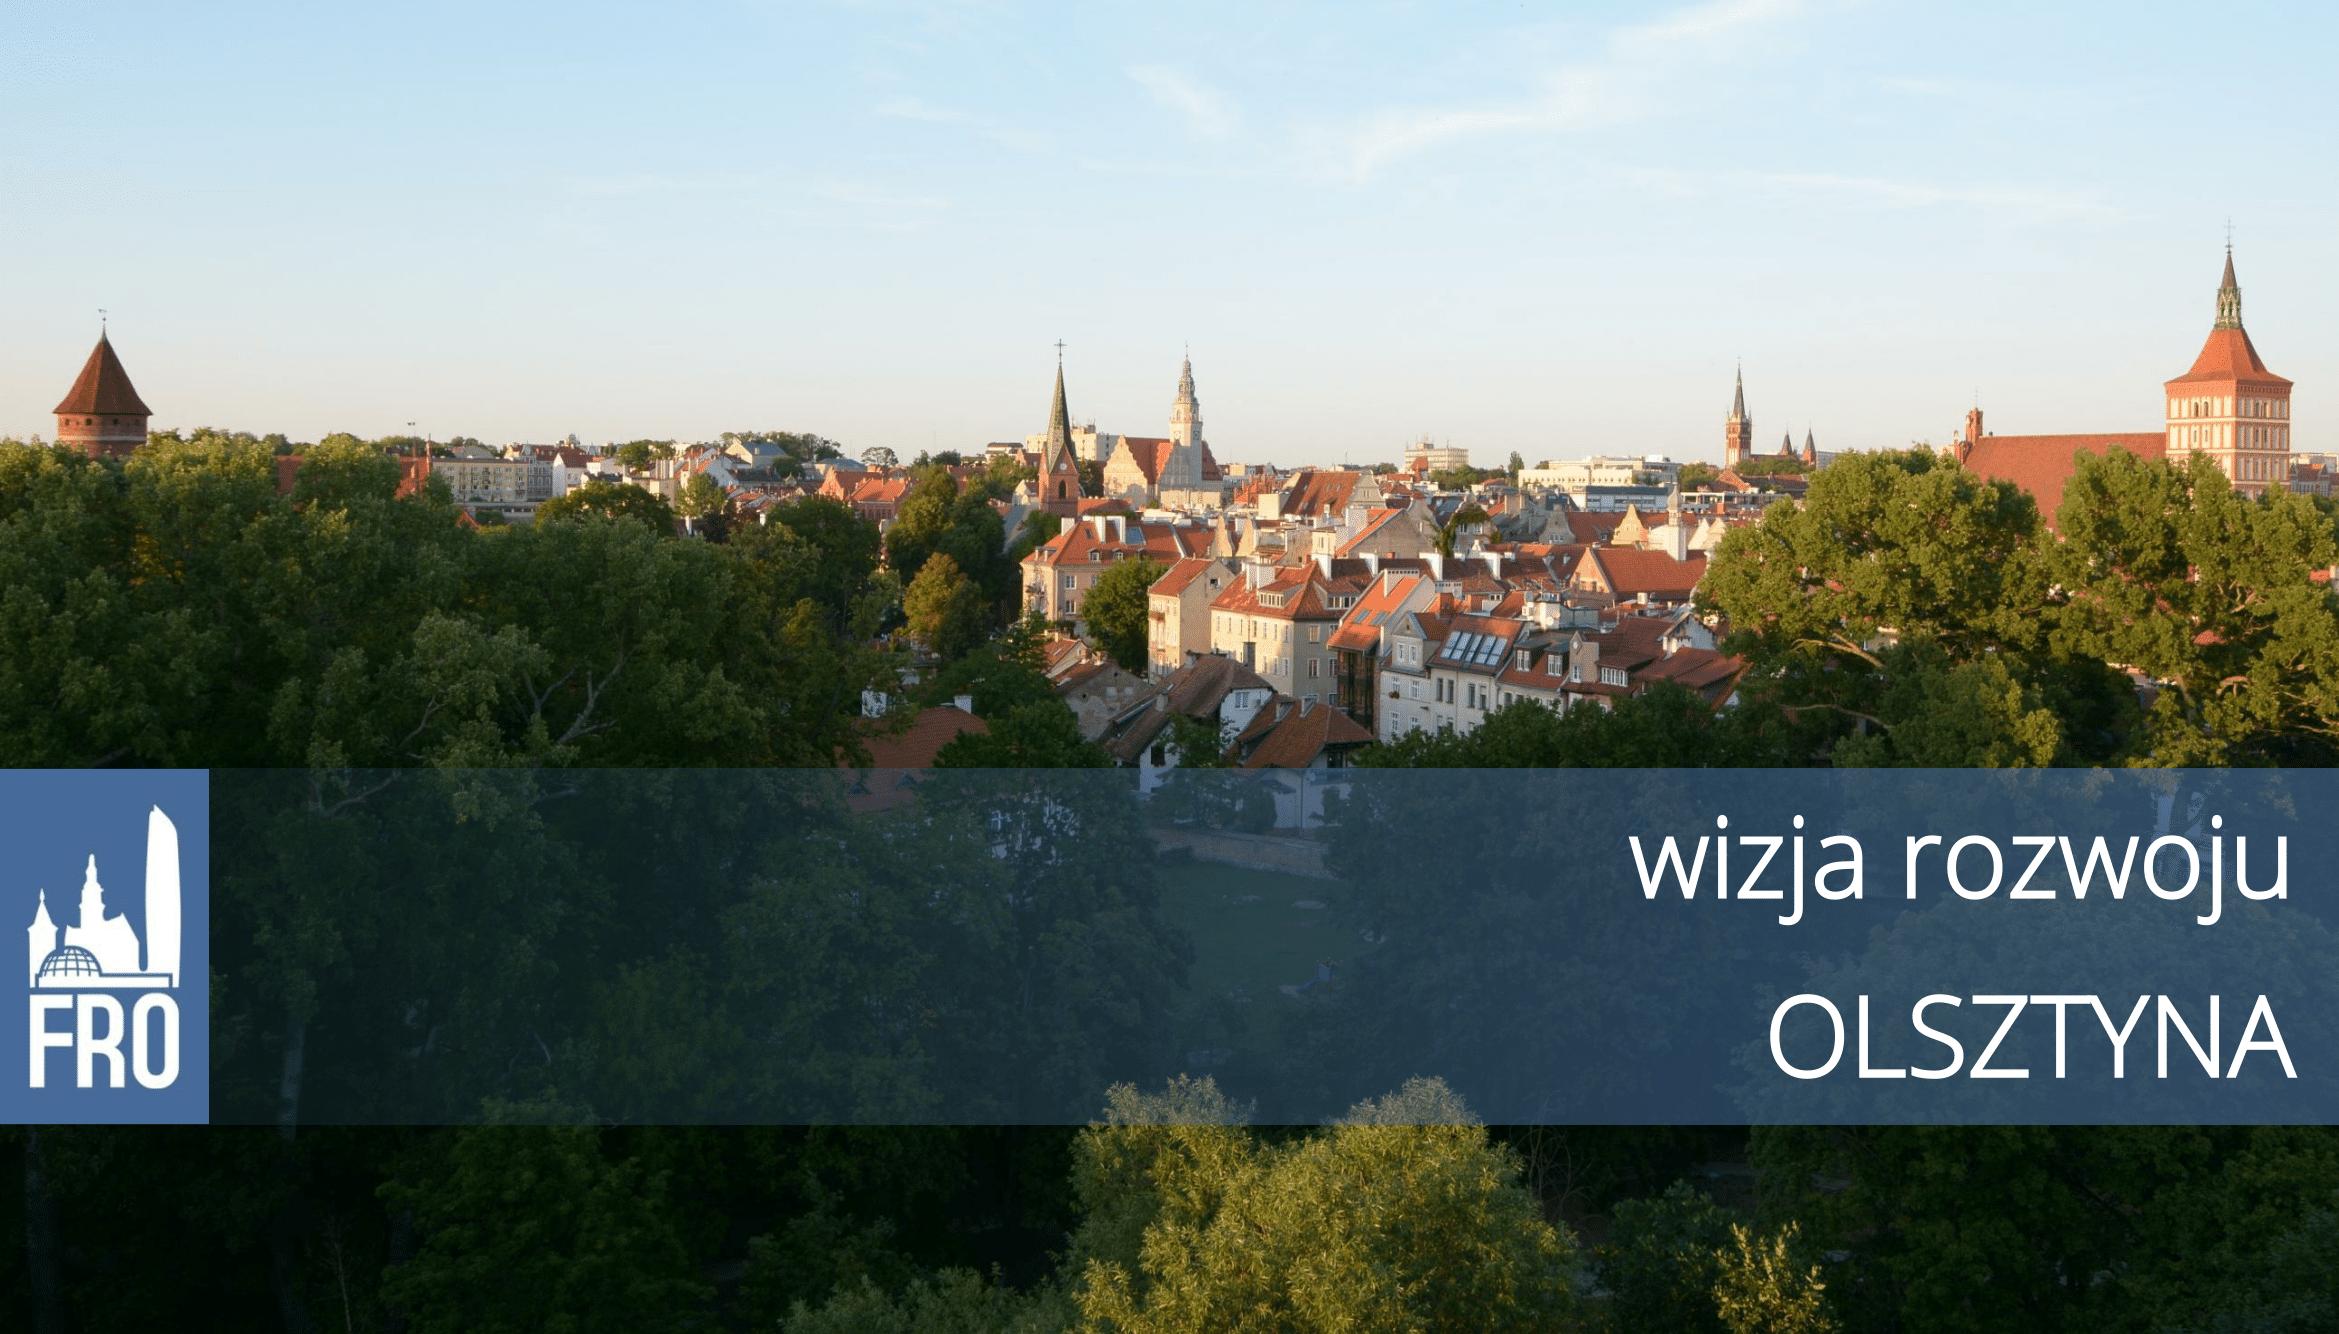 Wizja rozwoju Olsztyna grafika